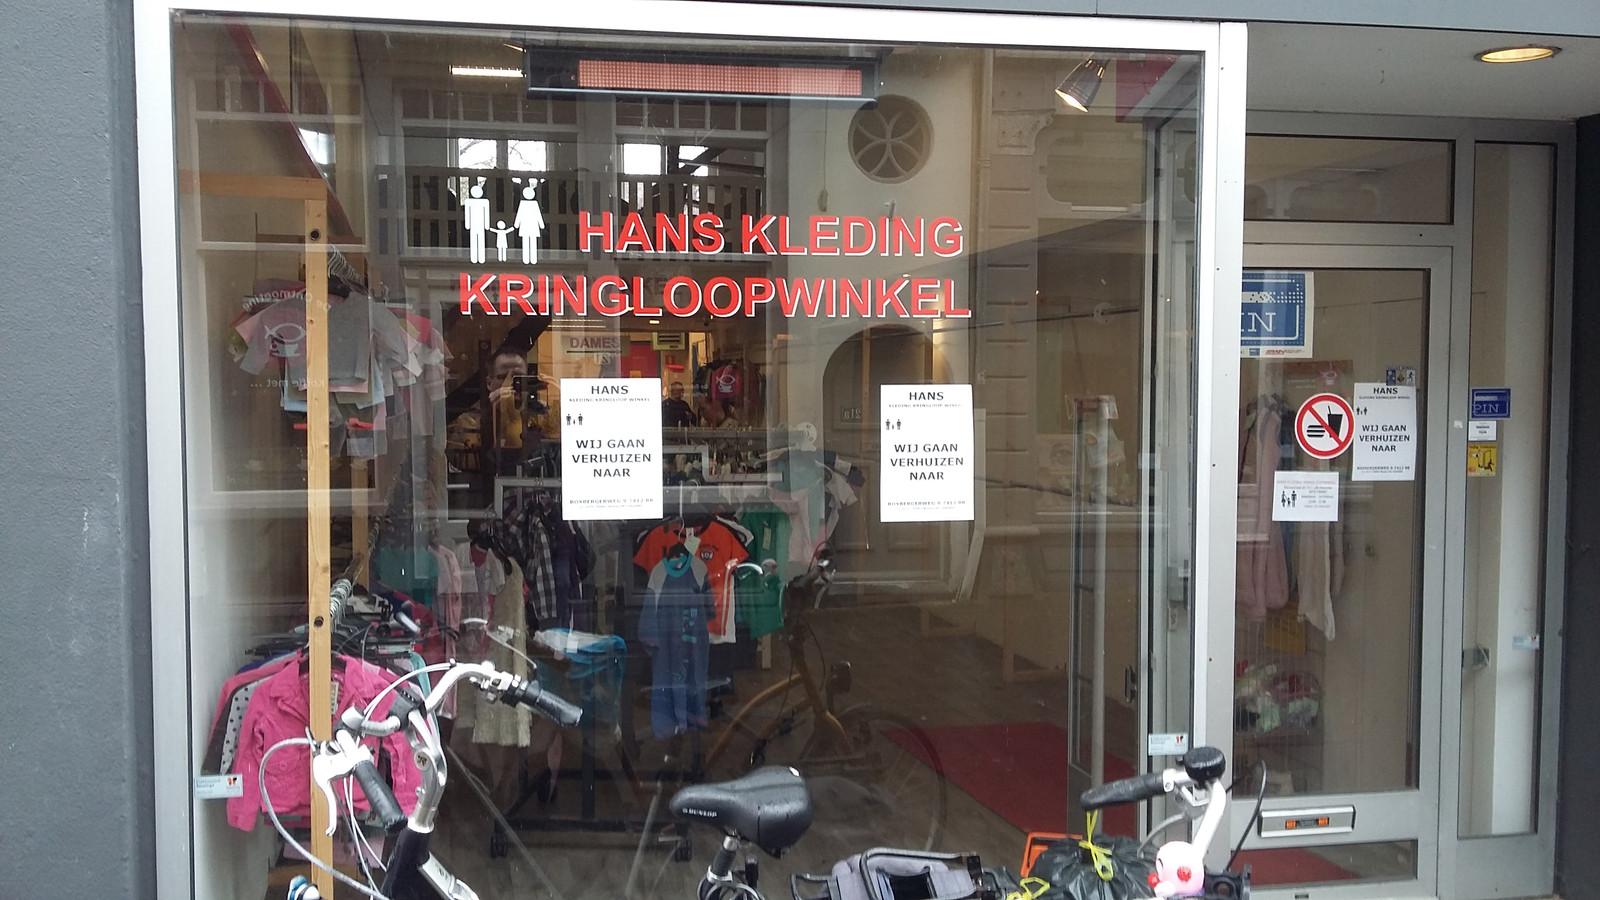 De boodschap is duidelijk: Hans Kleding Kringloopwinkel gaat verhuizen.